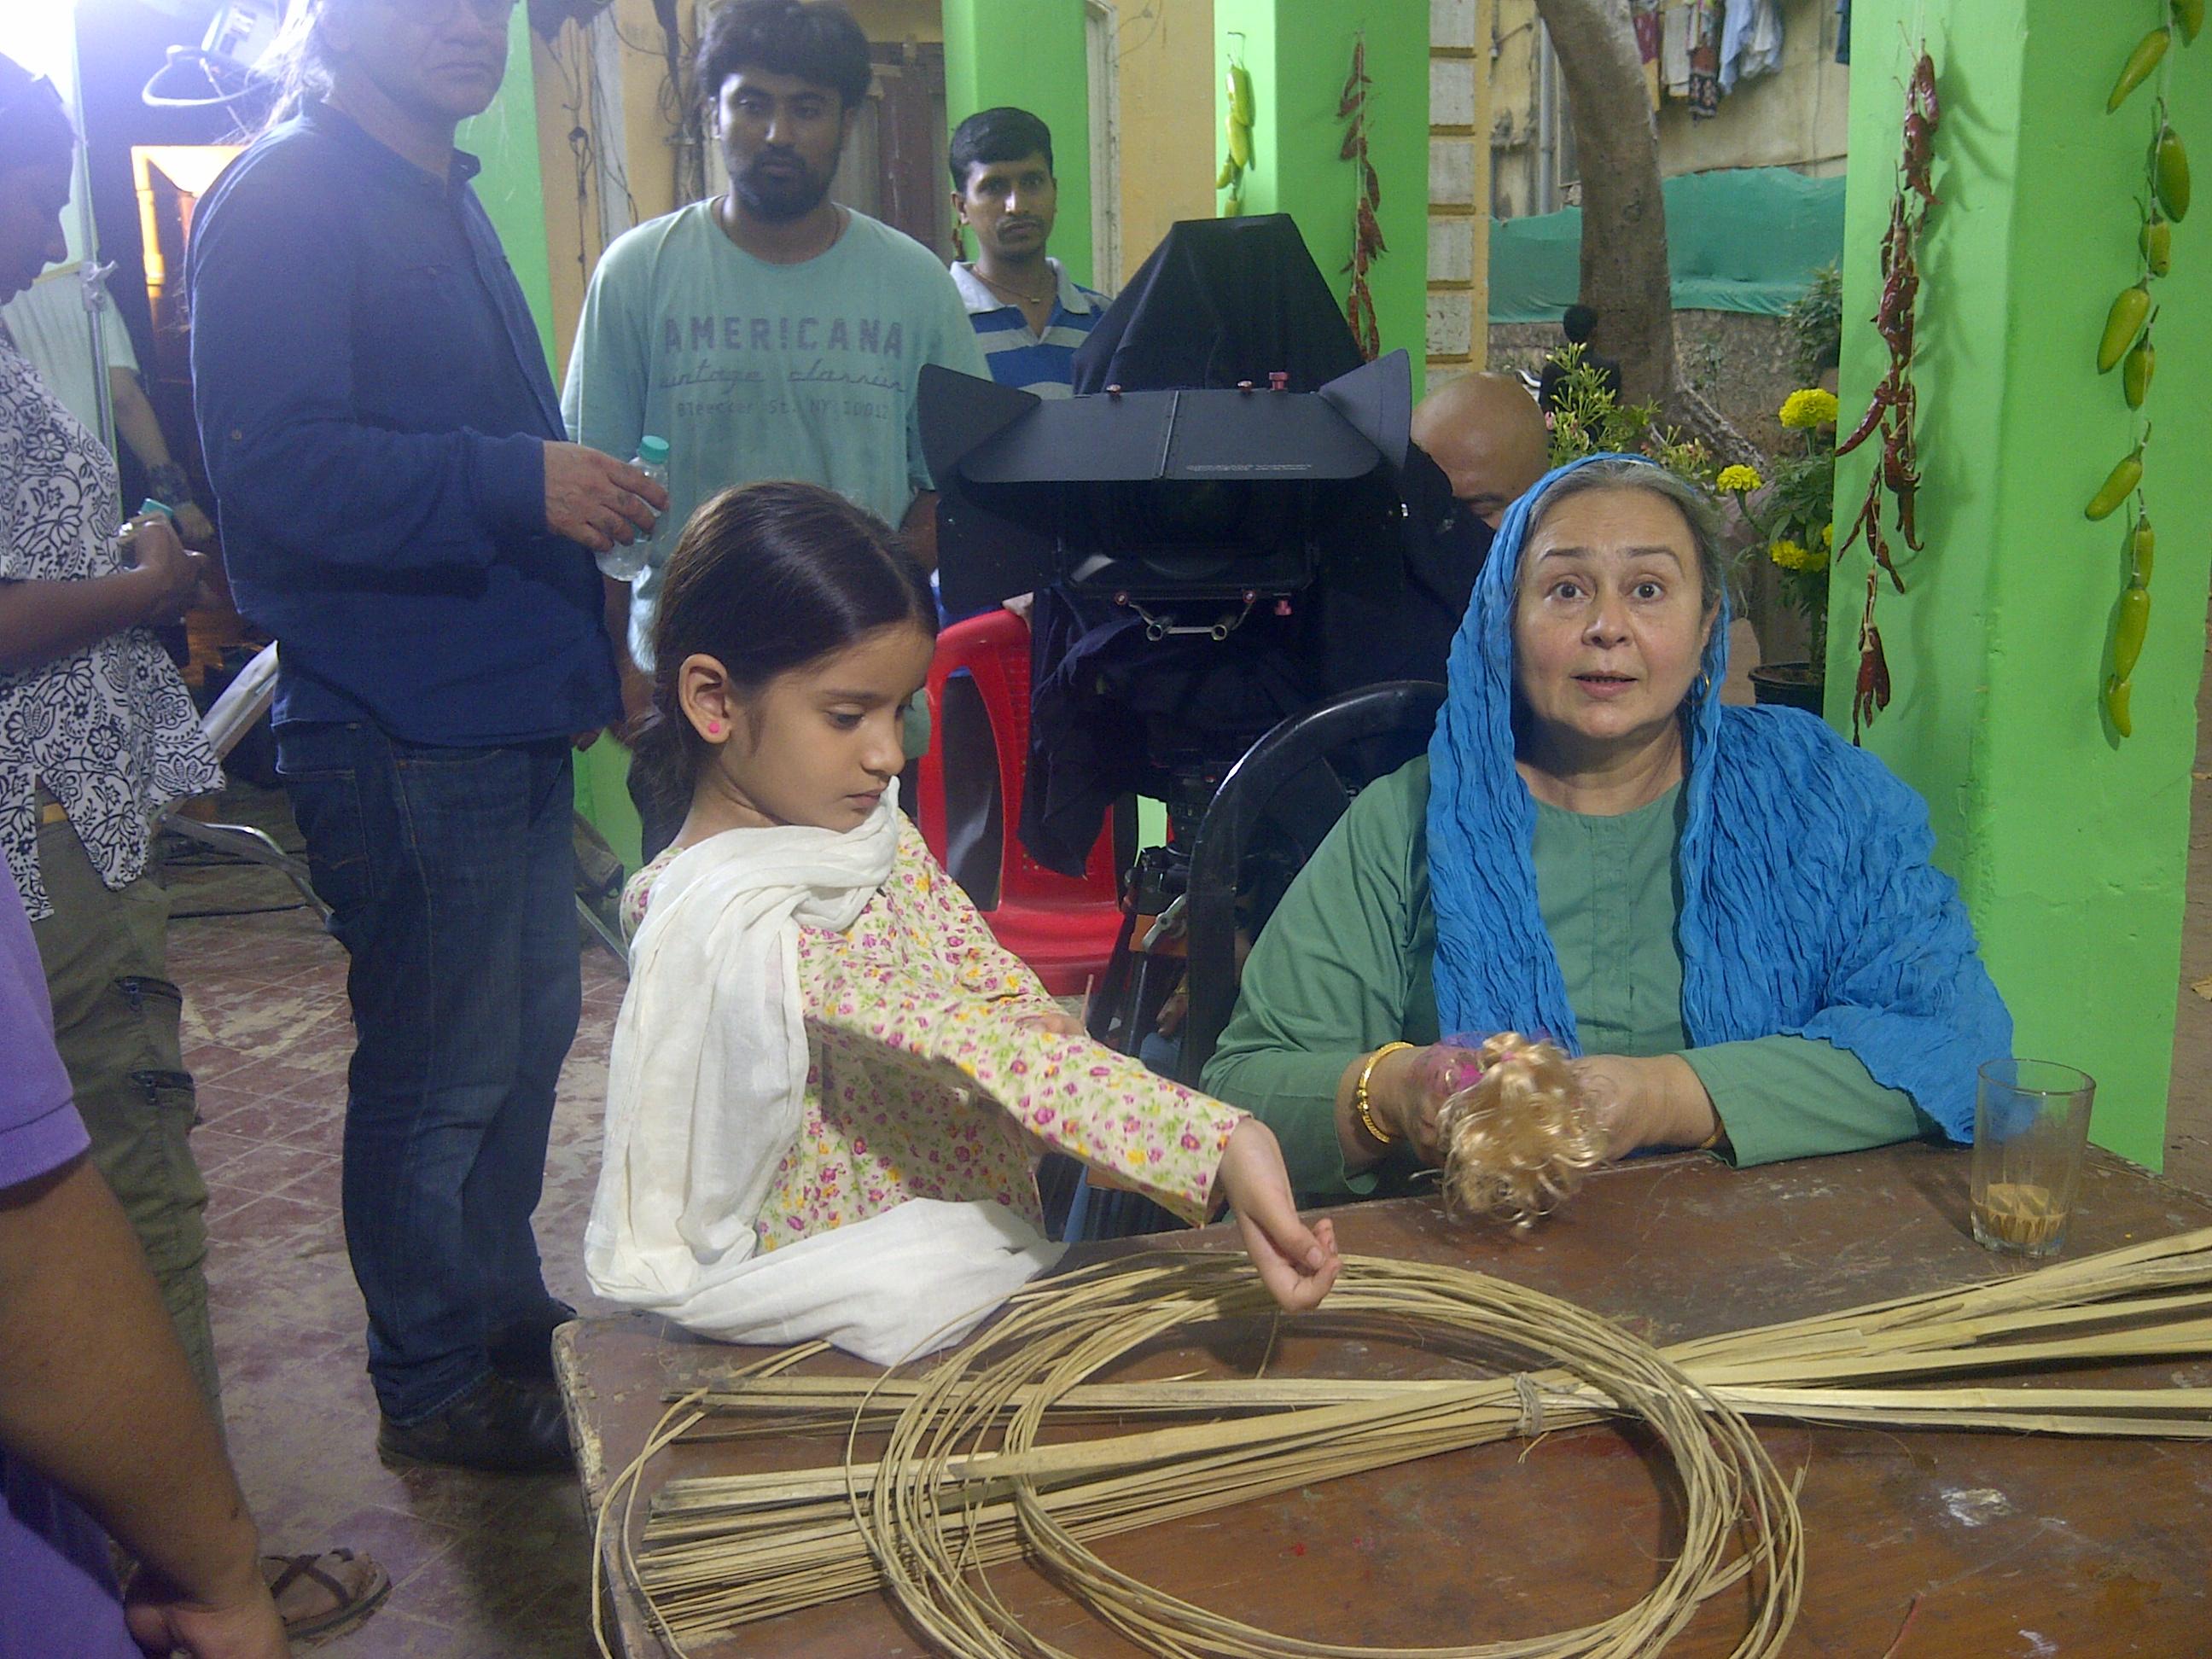 Jagruti Sethia and Farida Dadi in Khorshid (2016)